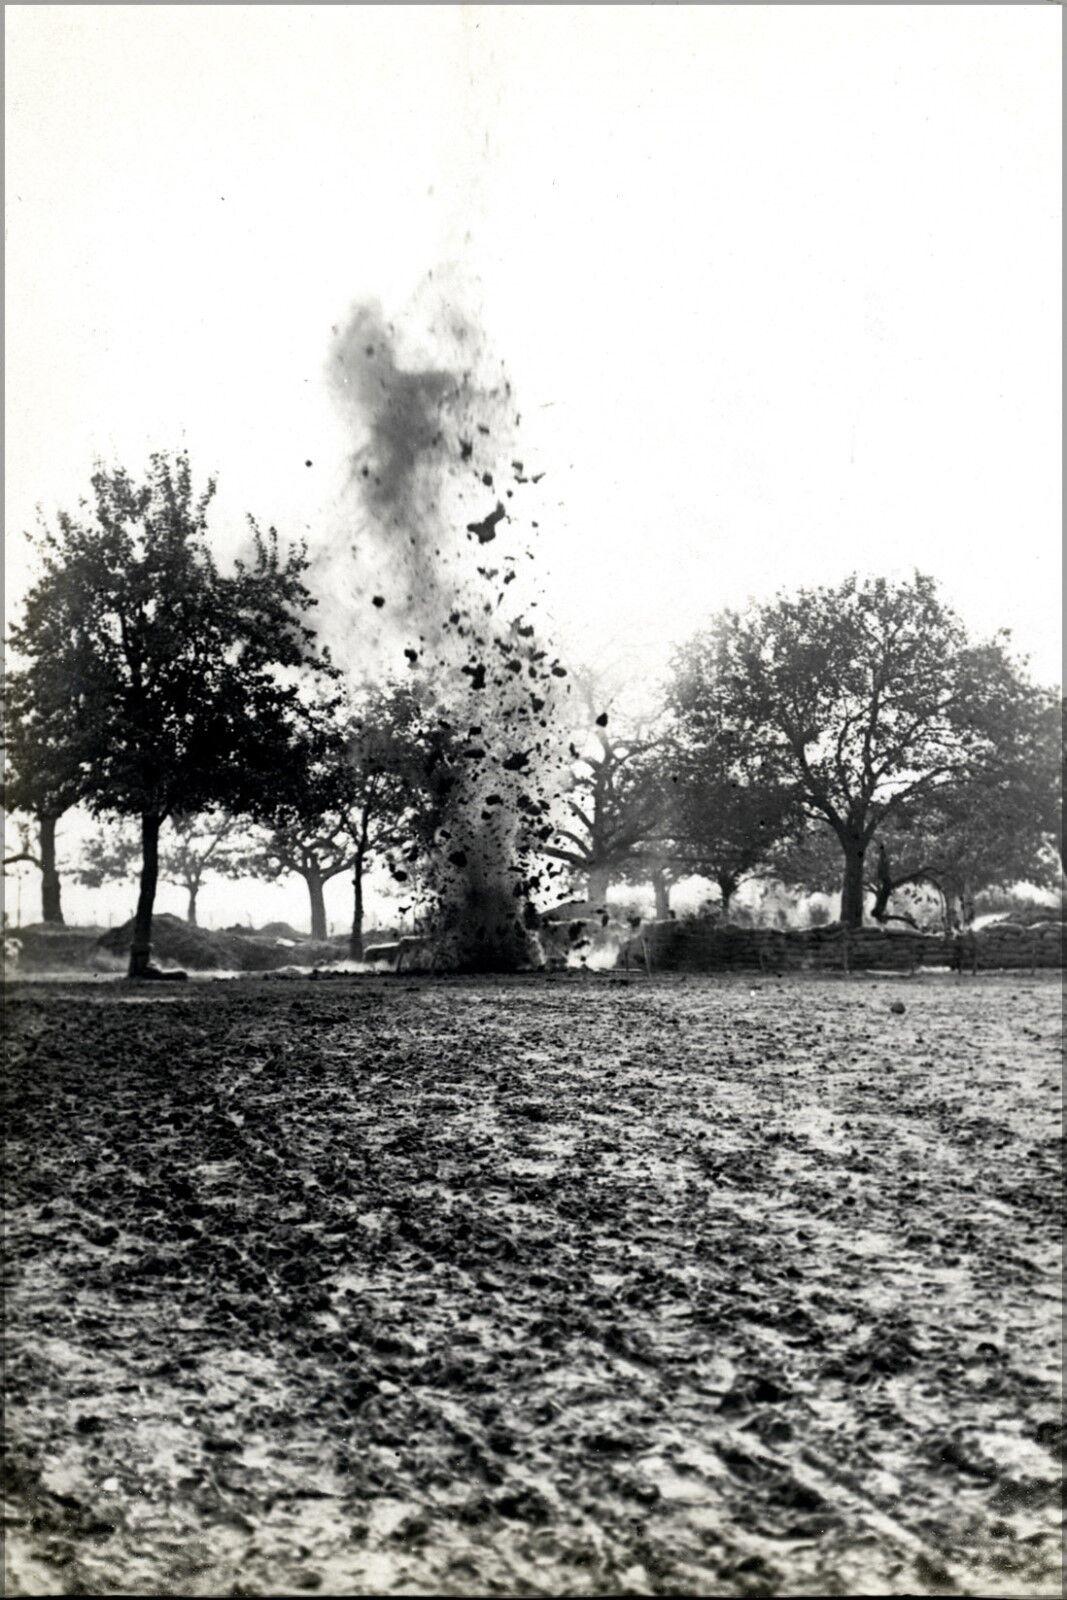 Poster, Molte Misure; Misure; Misure; a Miniera Esplosivo Bout De Ville, Francia. Fotografo H. 9f2b90